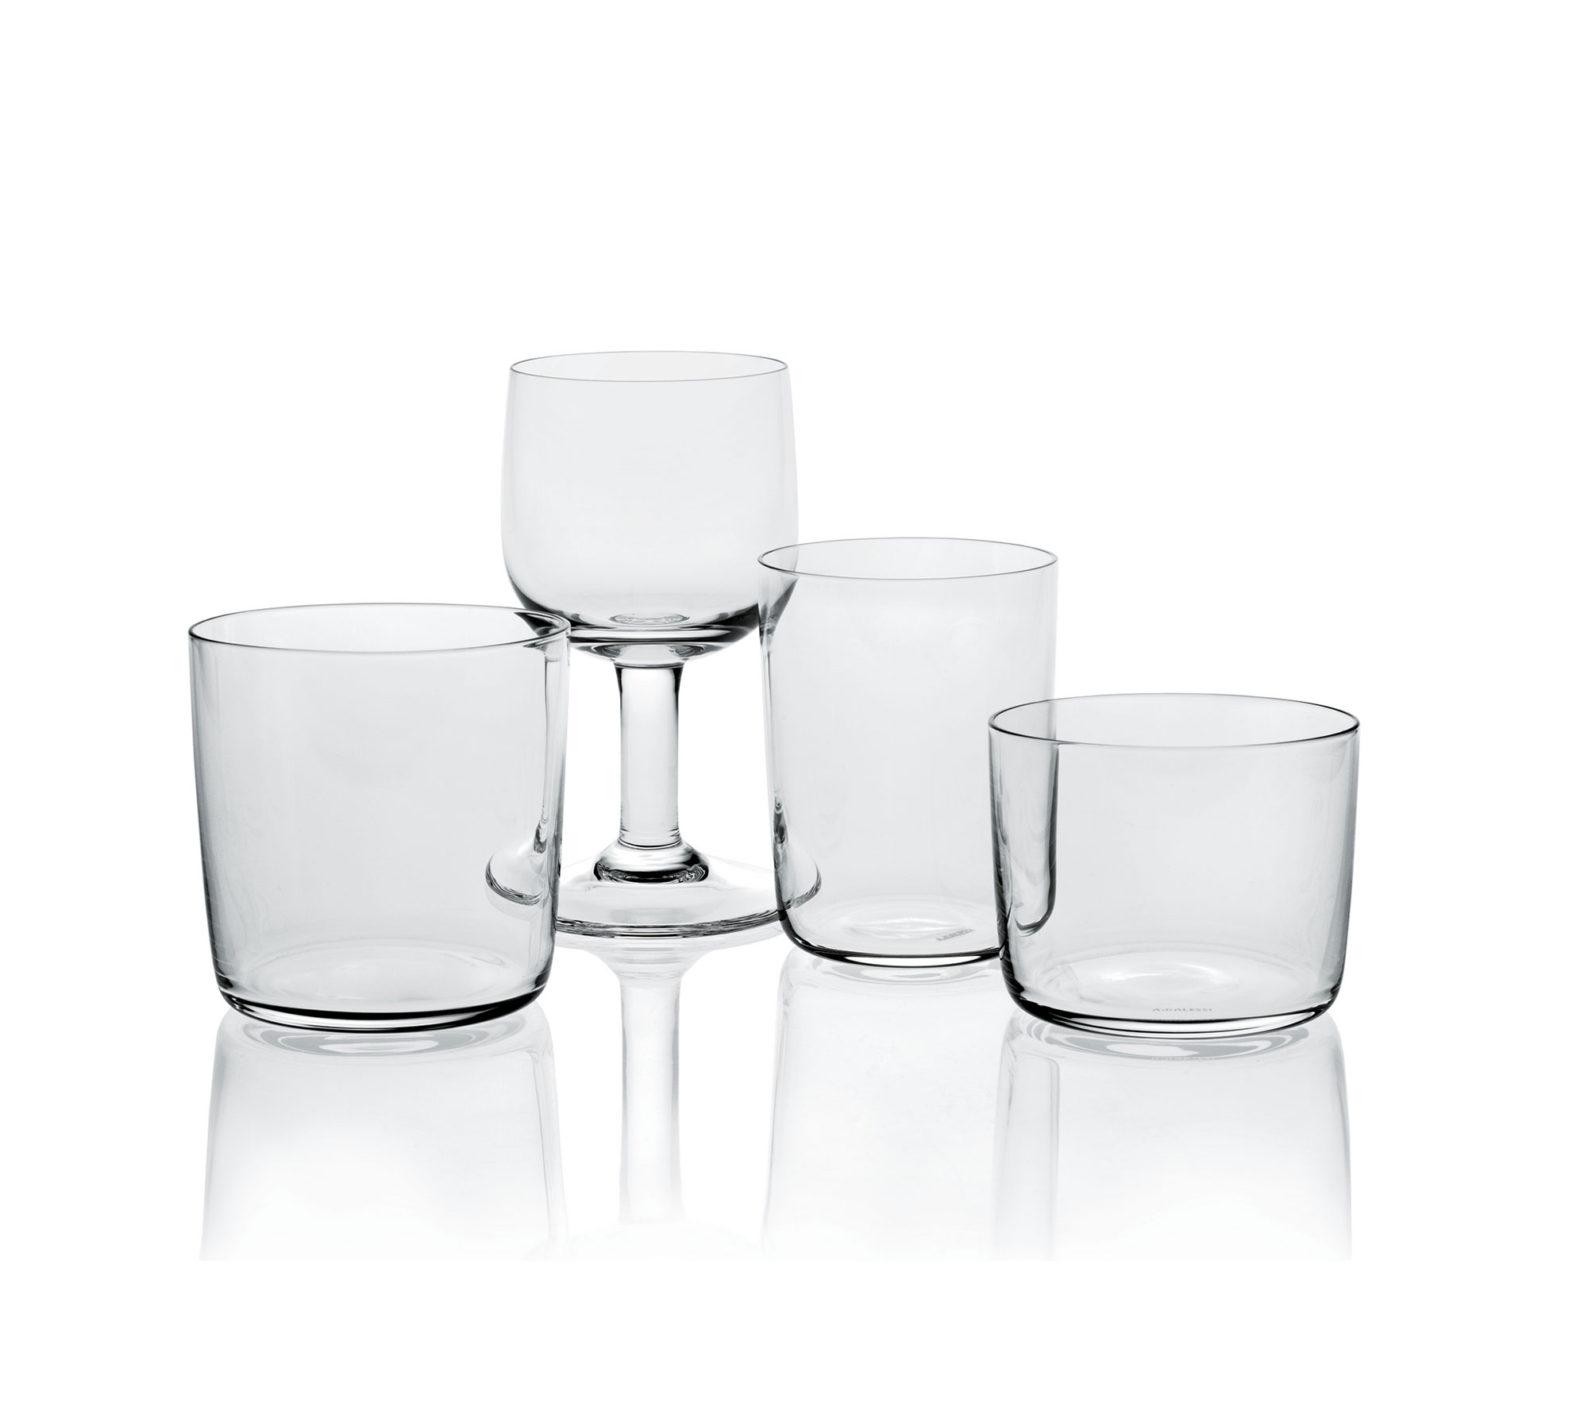 Quatre verres transparents. Trois verres droits de tailles différentes et un verre à pied.